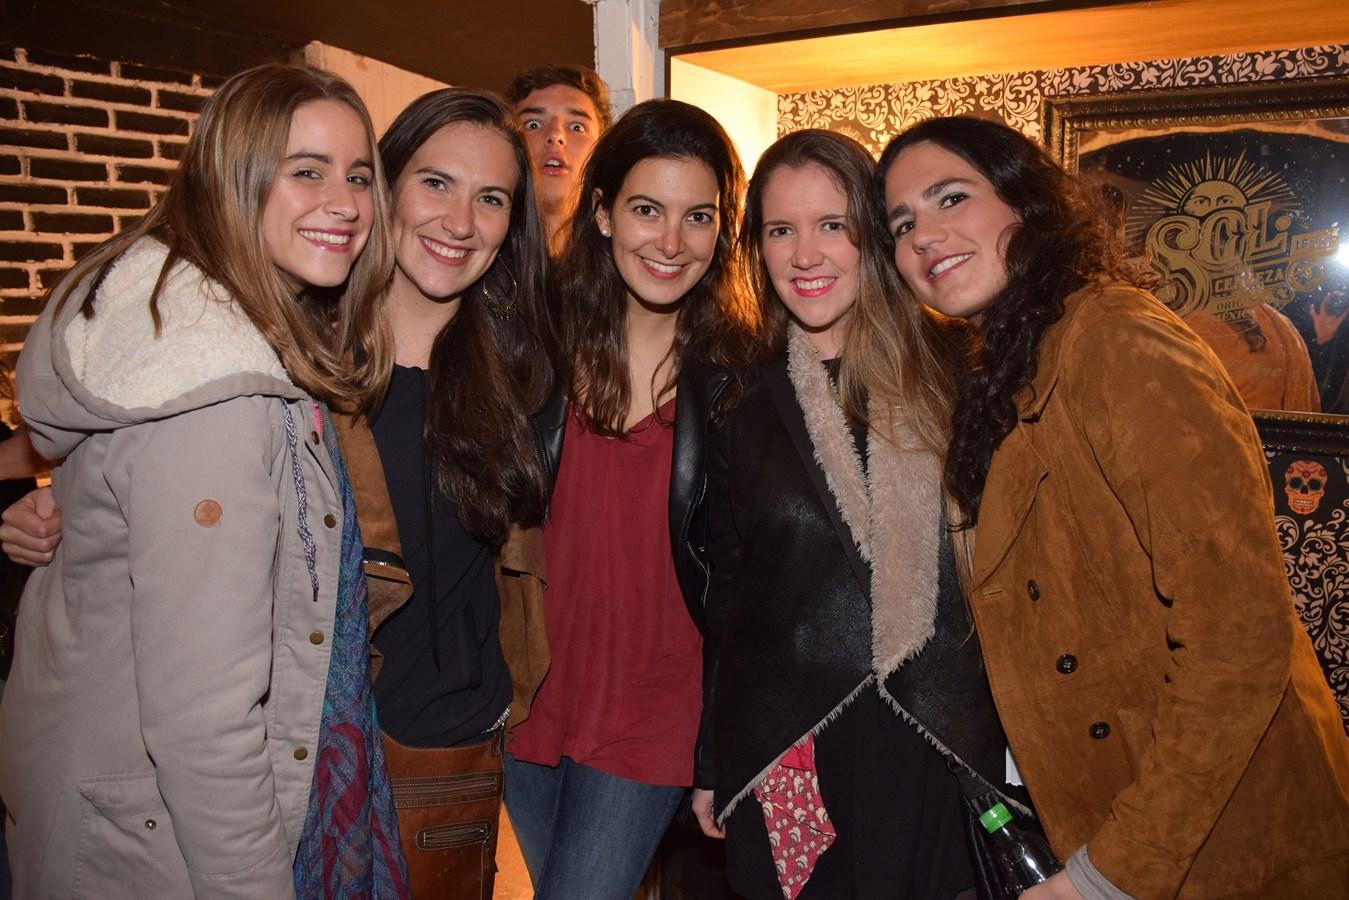 Camila Hartman, Catalina Loayza, Ignacia Garib, Camila Lira y Francisca Rodríguez.